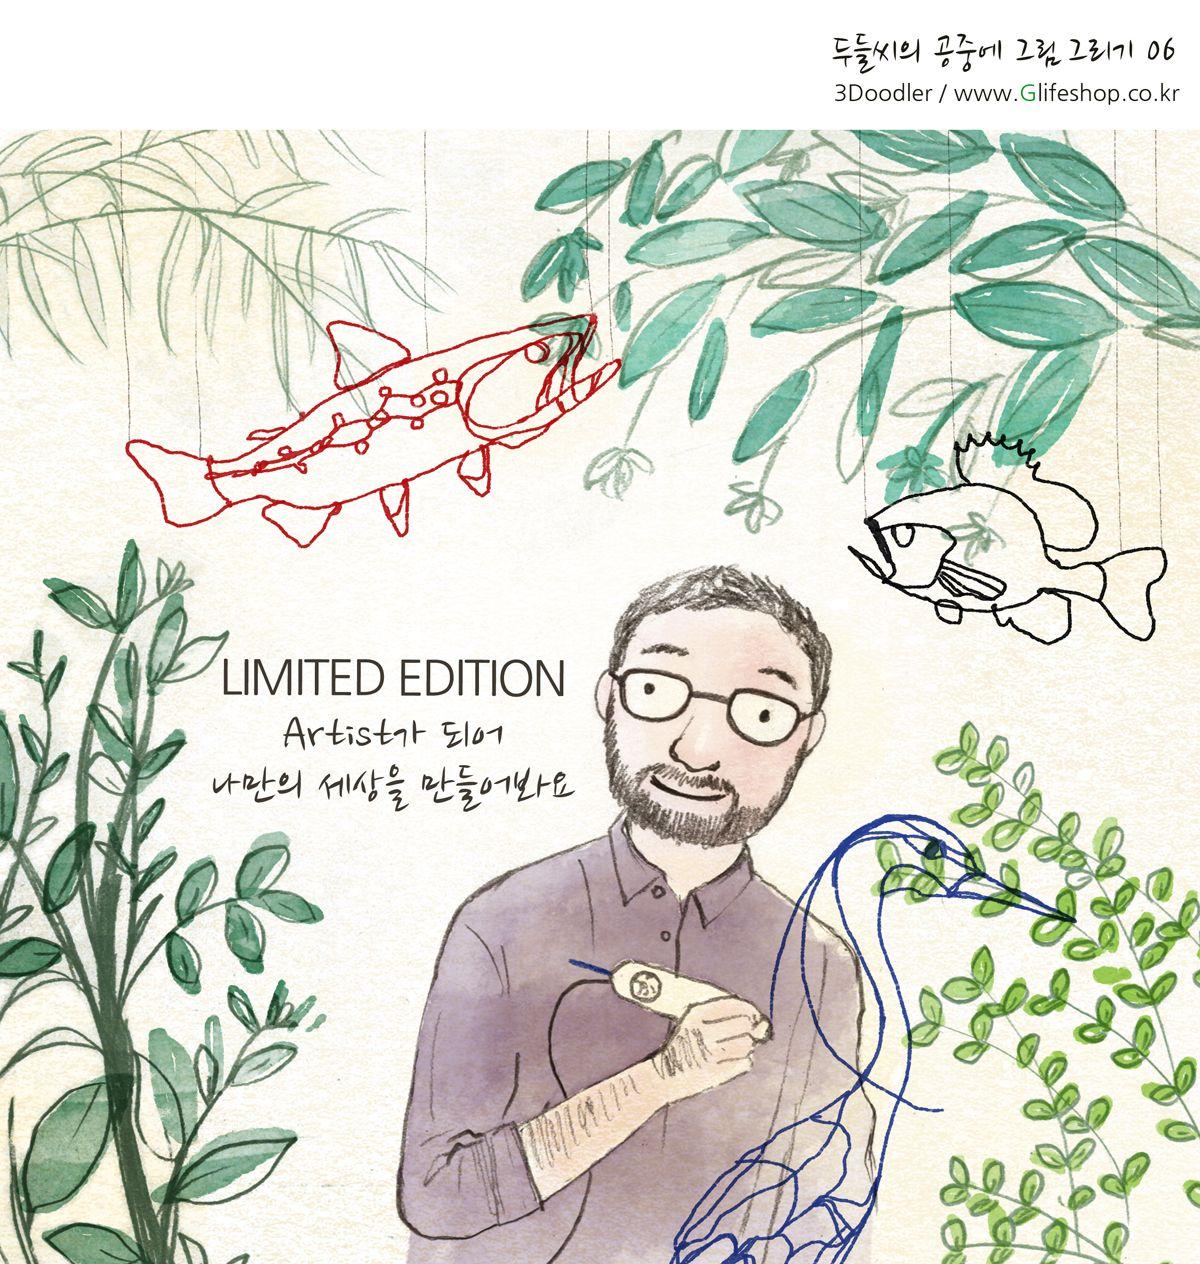 공중에 쓰는 펜, 3Doodler(3두들러) 이야기를 들려드립니다. 3D펜으로 상상속의 그림을 공중에 그려보세요. 학교 체험학습으로 좋습니다. 더 알아보기: www.glifeshop.co.kr